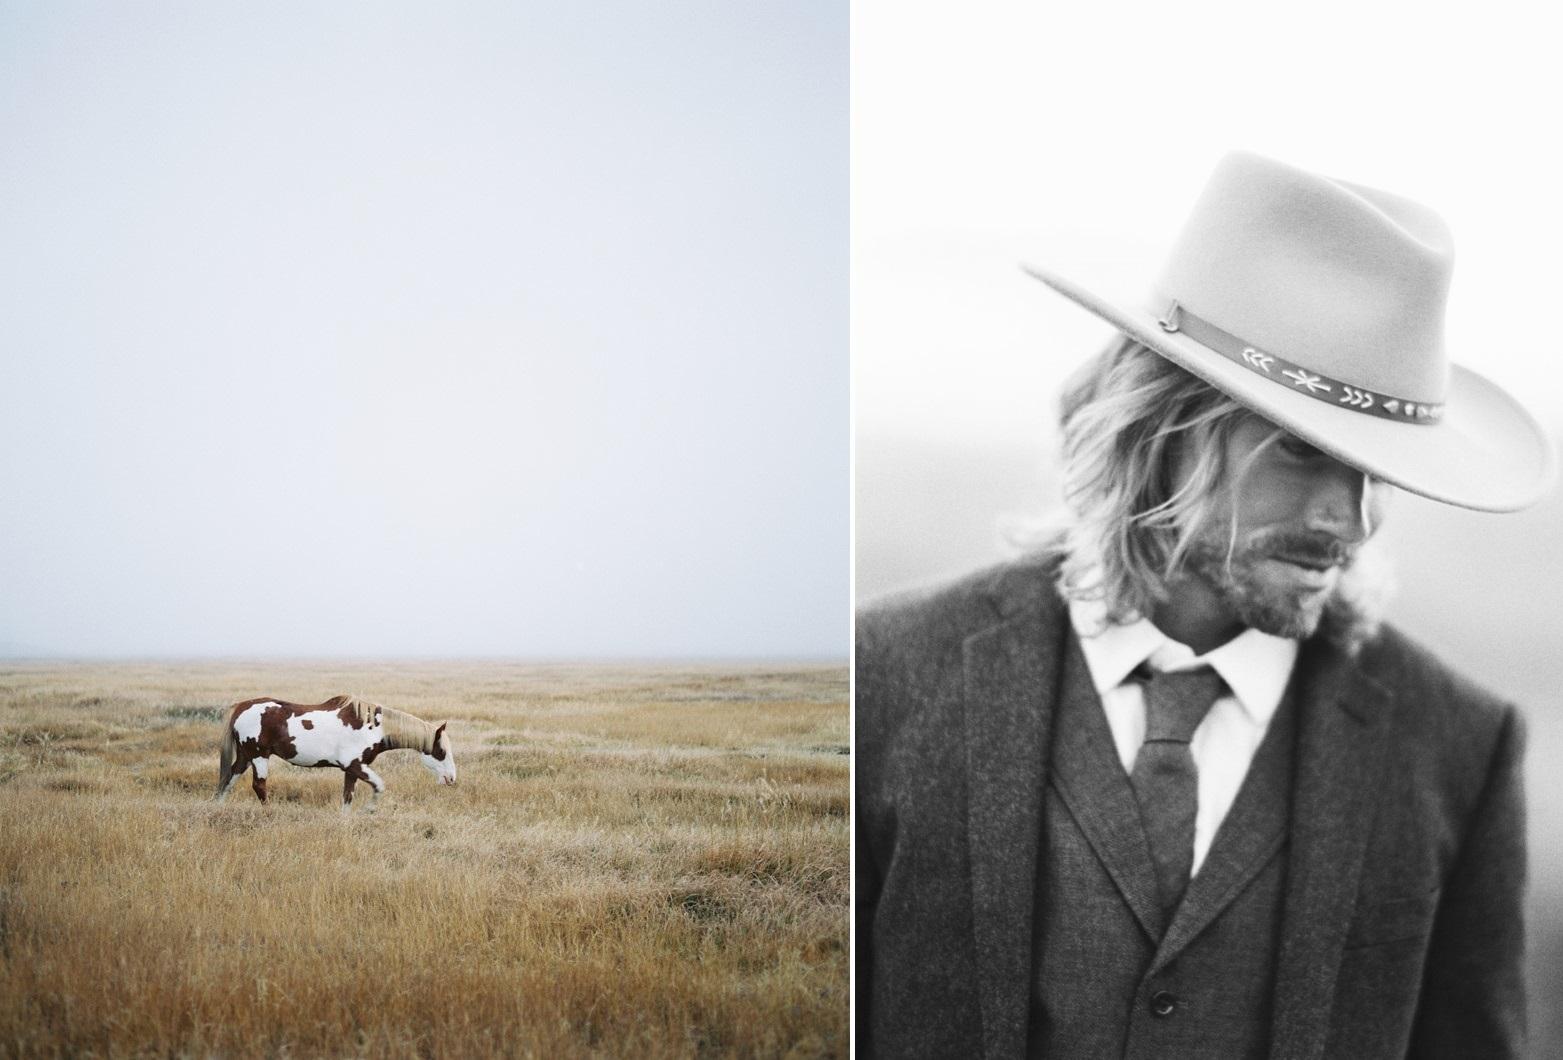 Ranch Groom's Attire